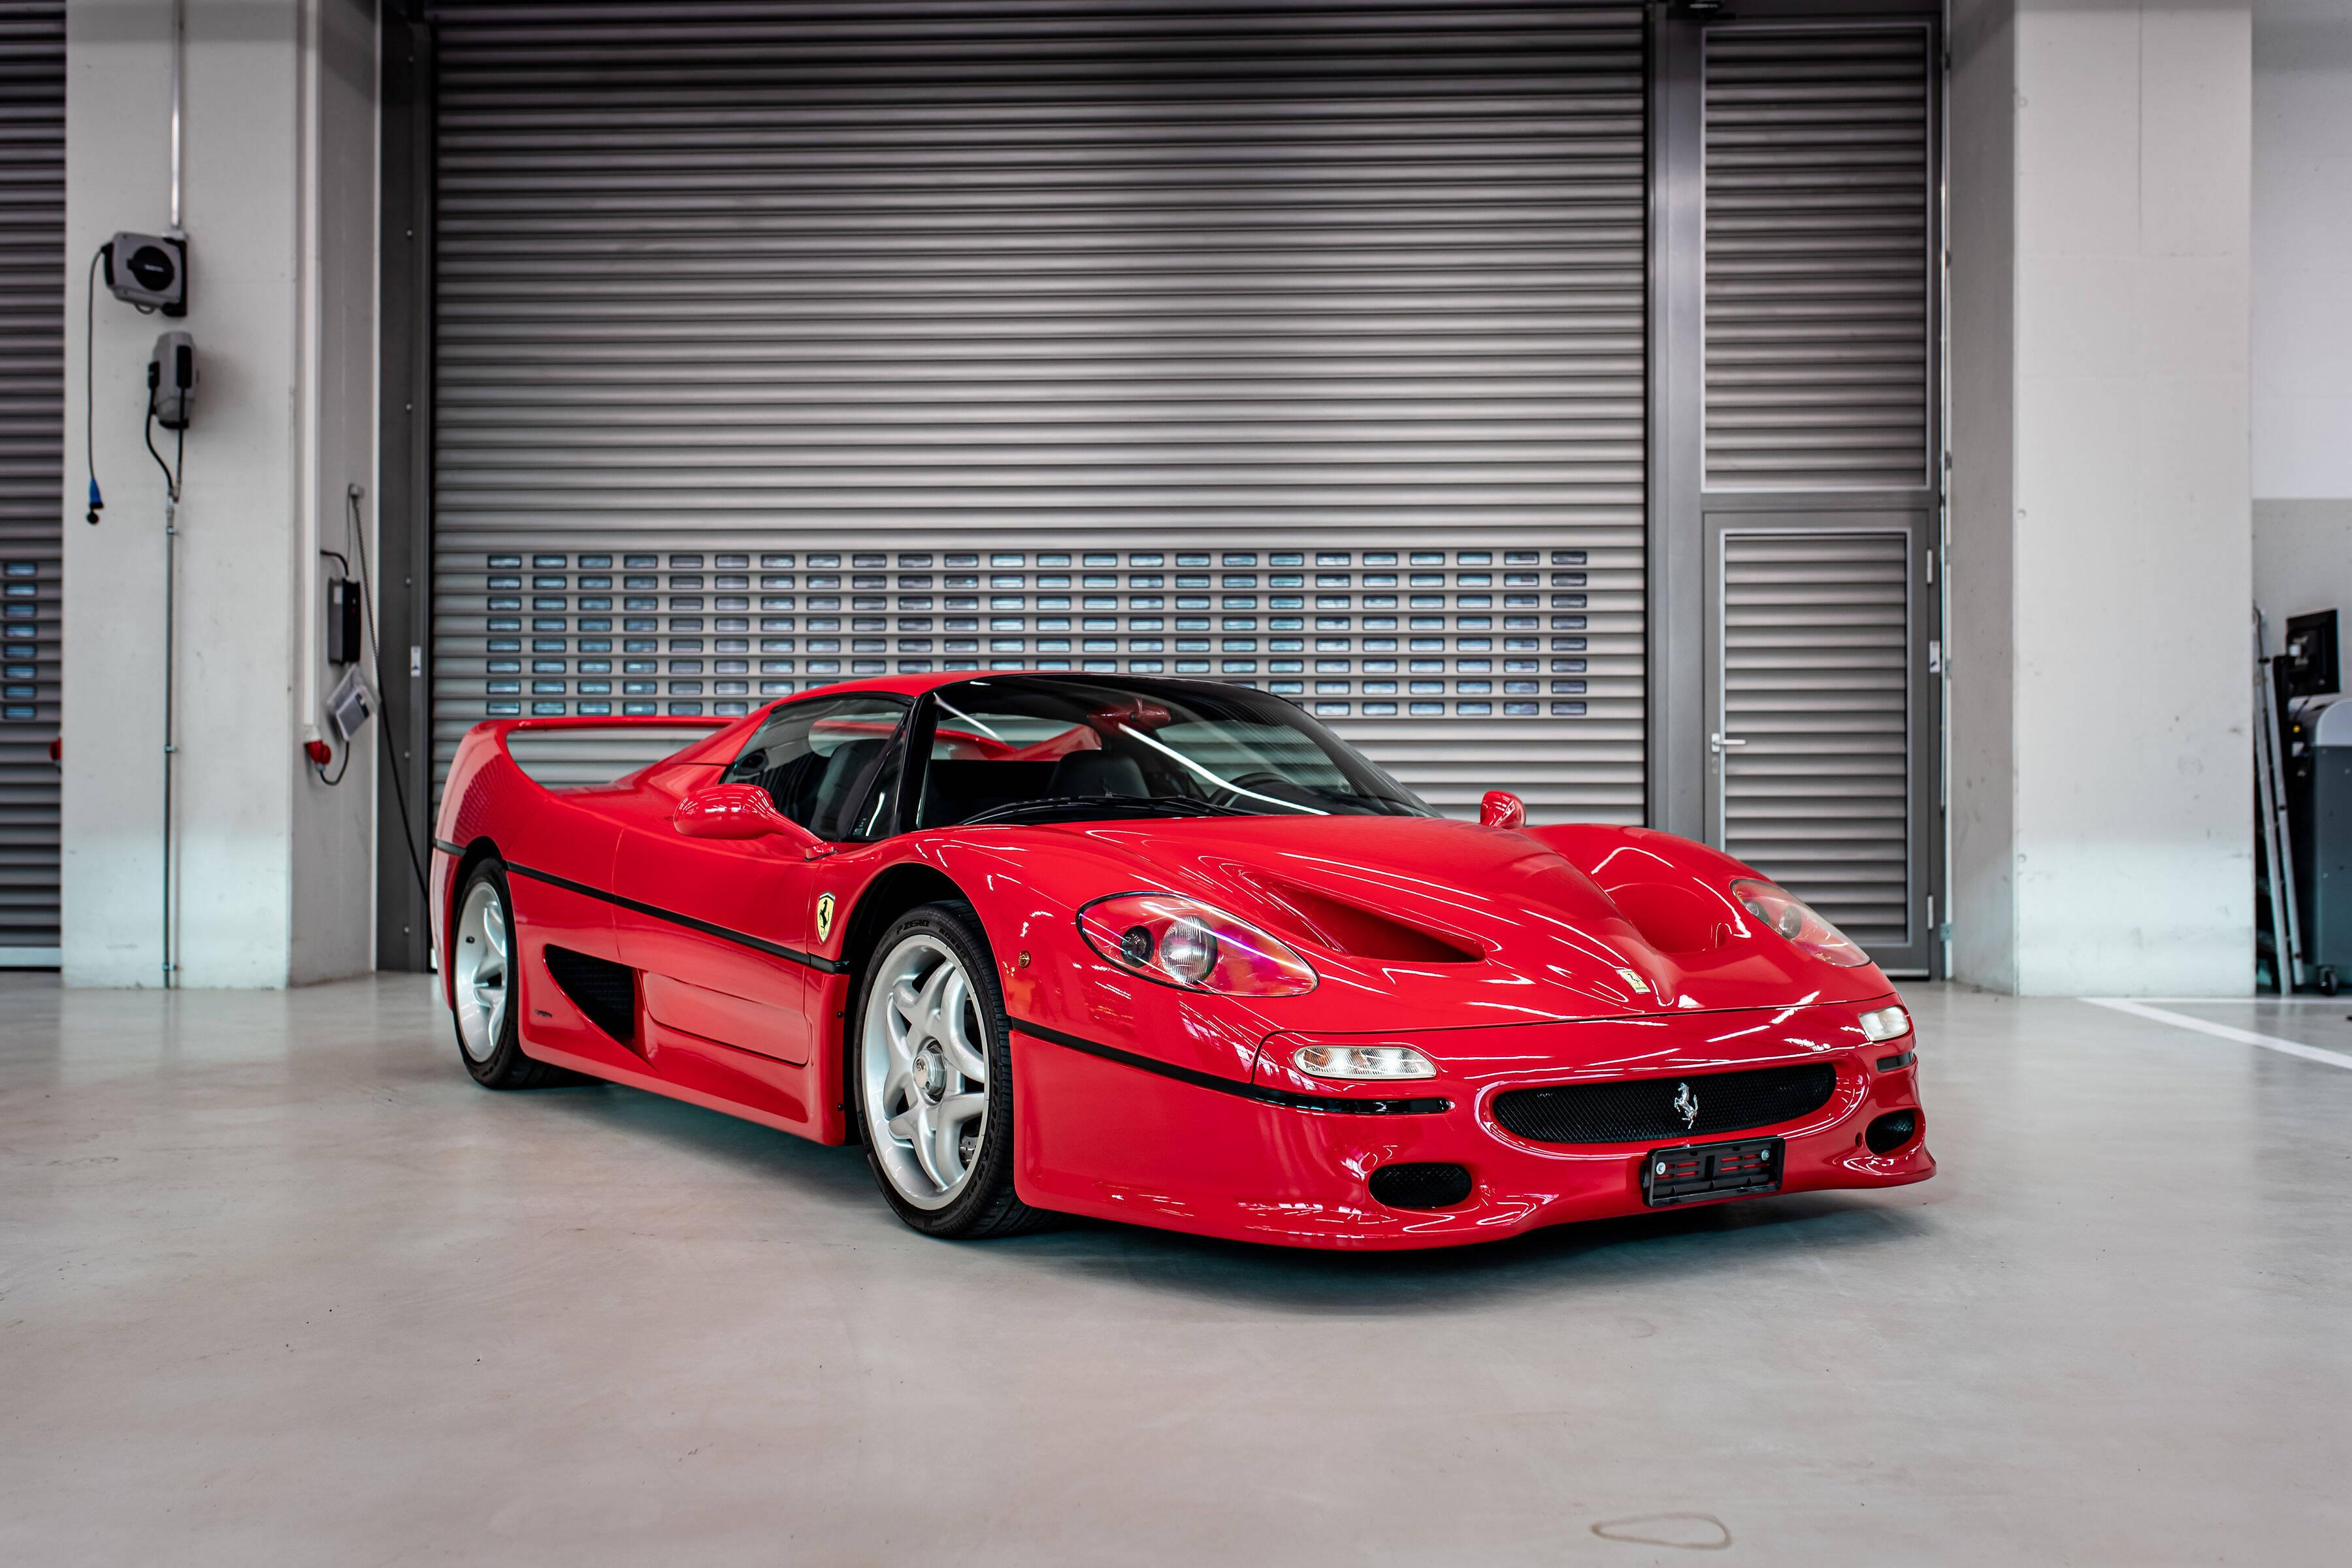 Ferrari F50. Foto: Reprodução/Tom Hartley Jnr